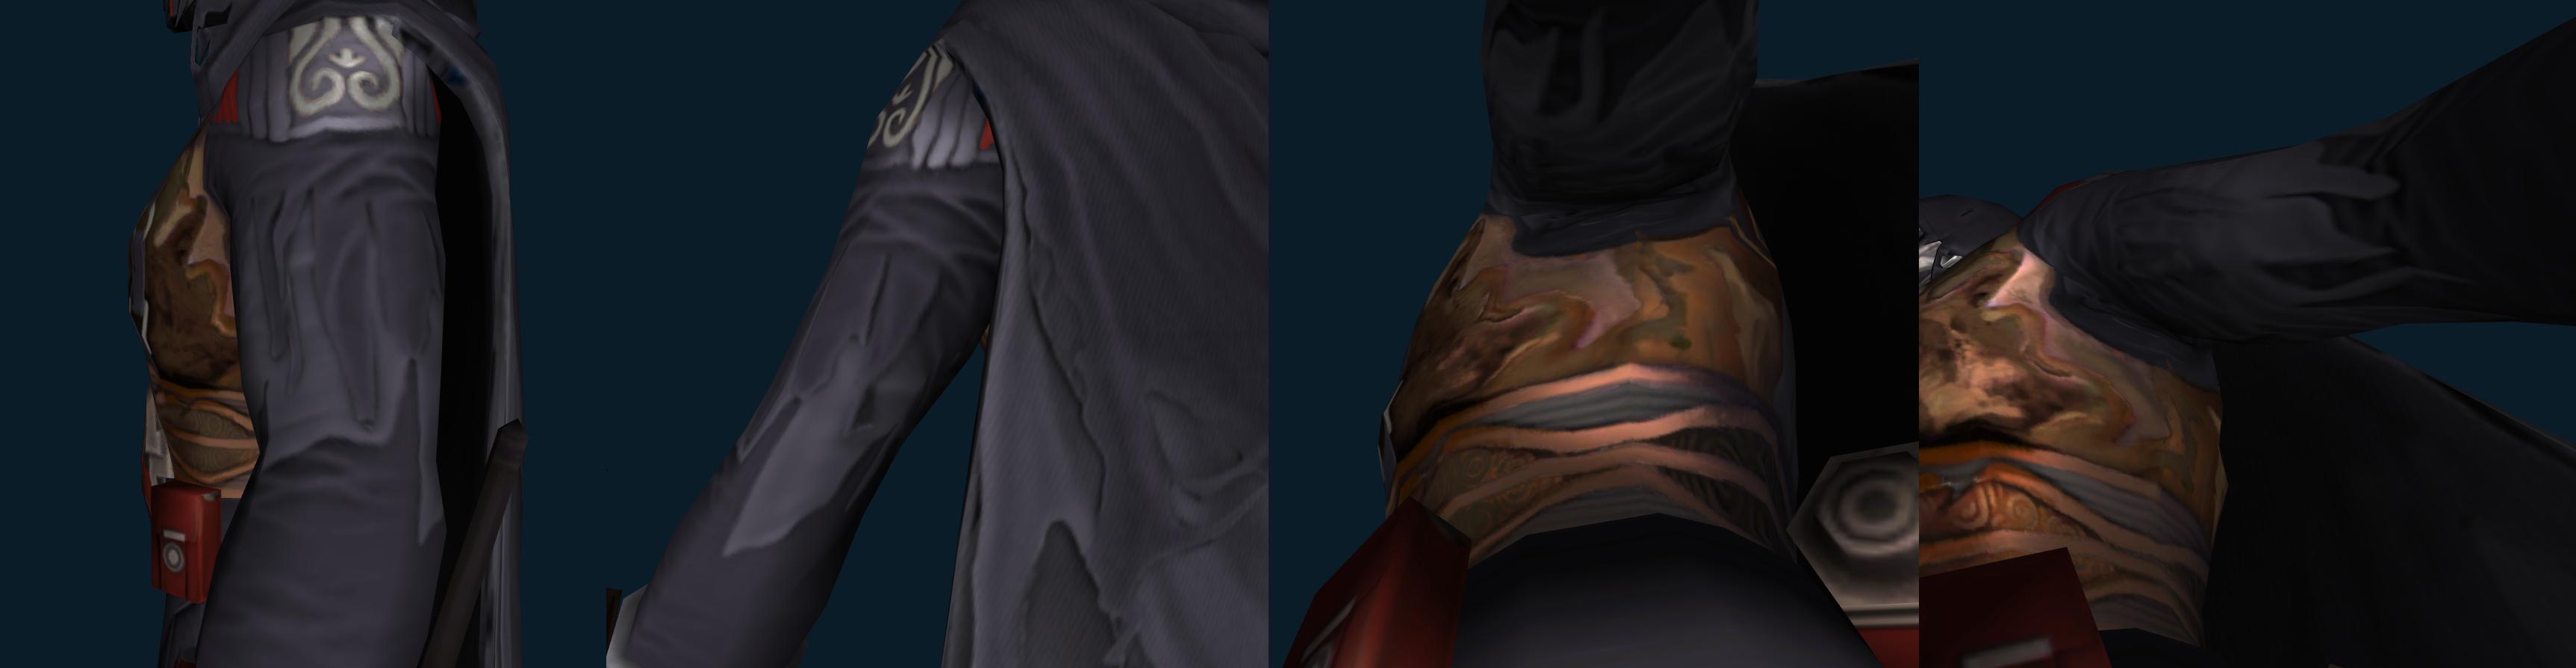 Swtor-SoR-upperarm-profileL.jpg